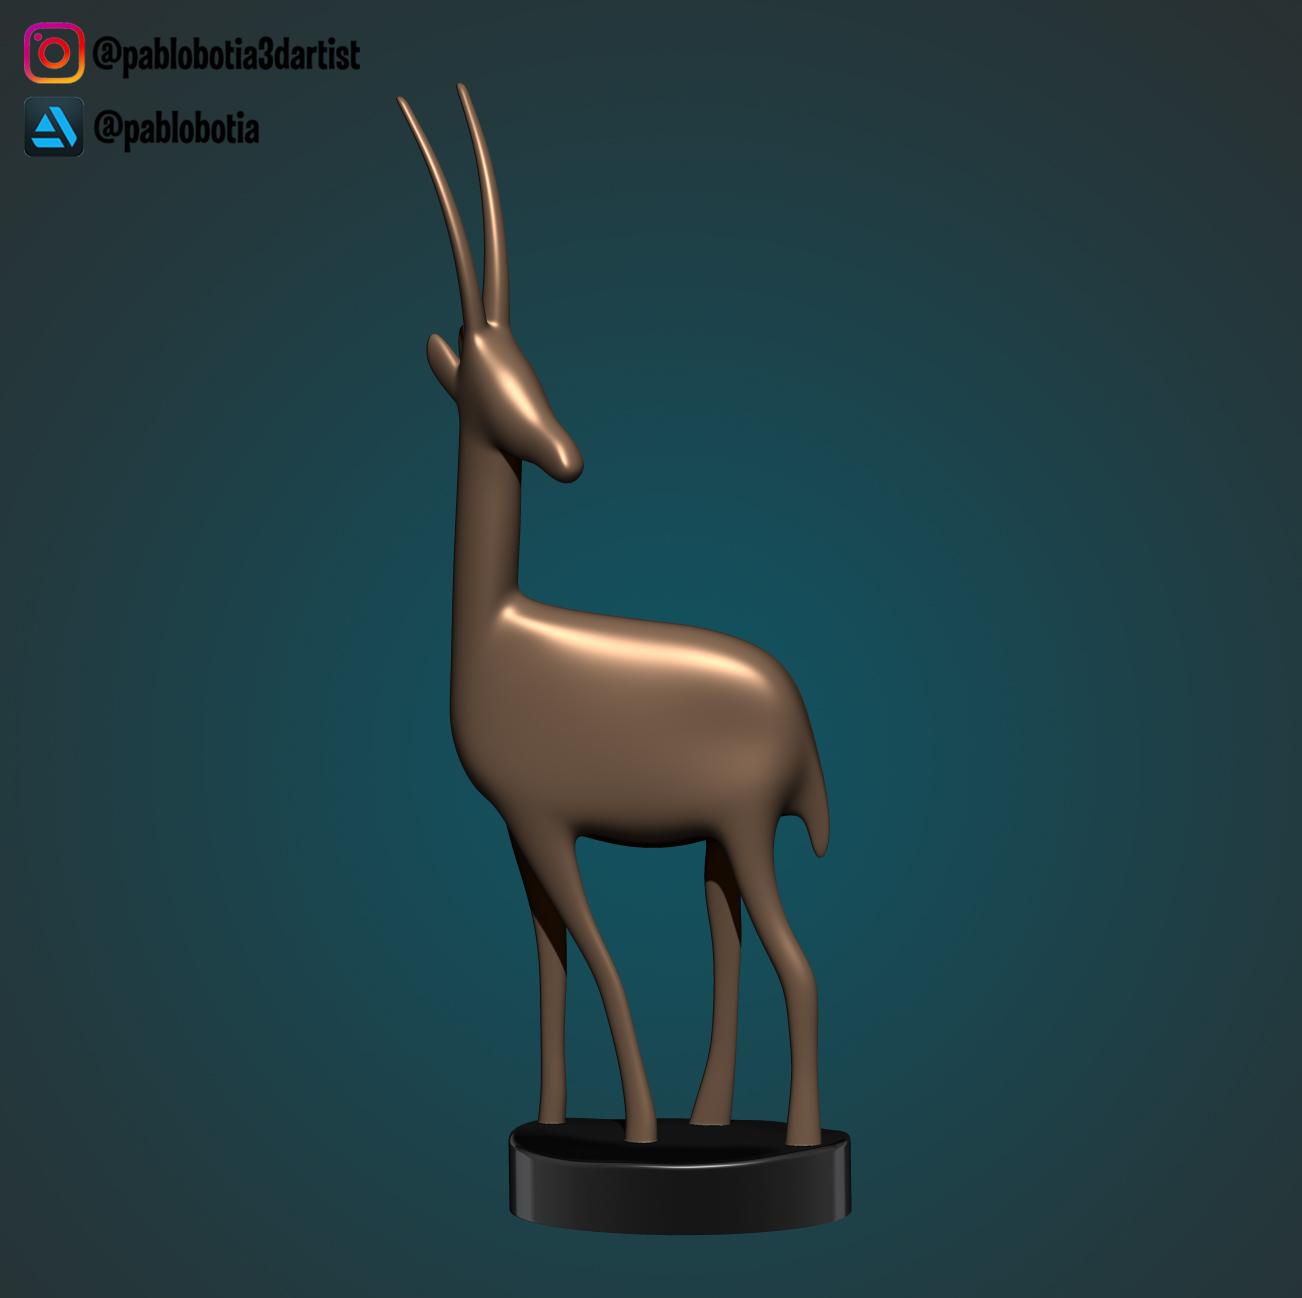 1.jpg Télécharger fichier STL gratuit Statue décorative d'une gazelle • Plan imprimable en 3D, pablobotia3dartist